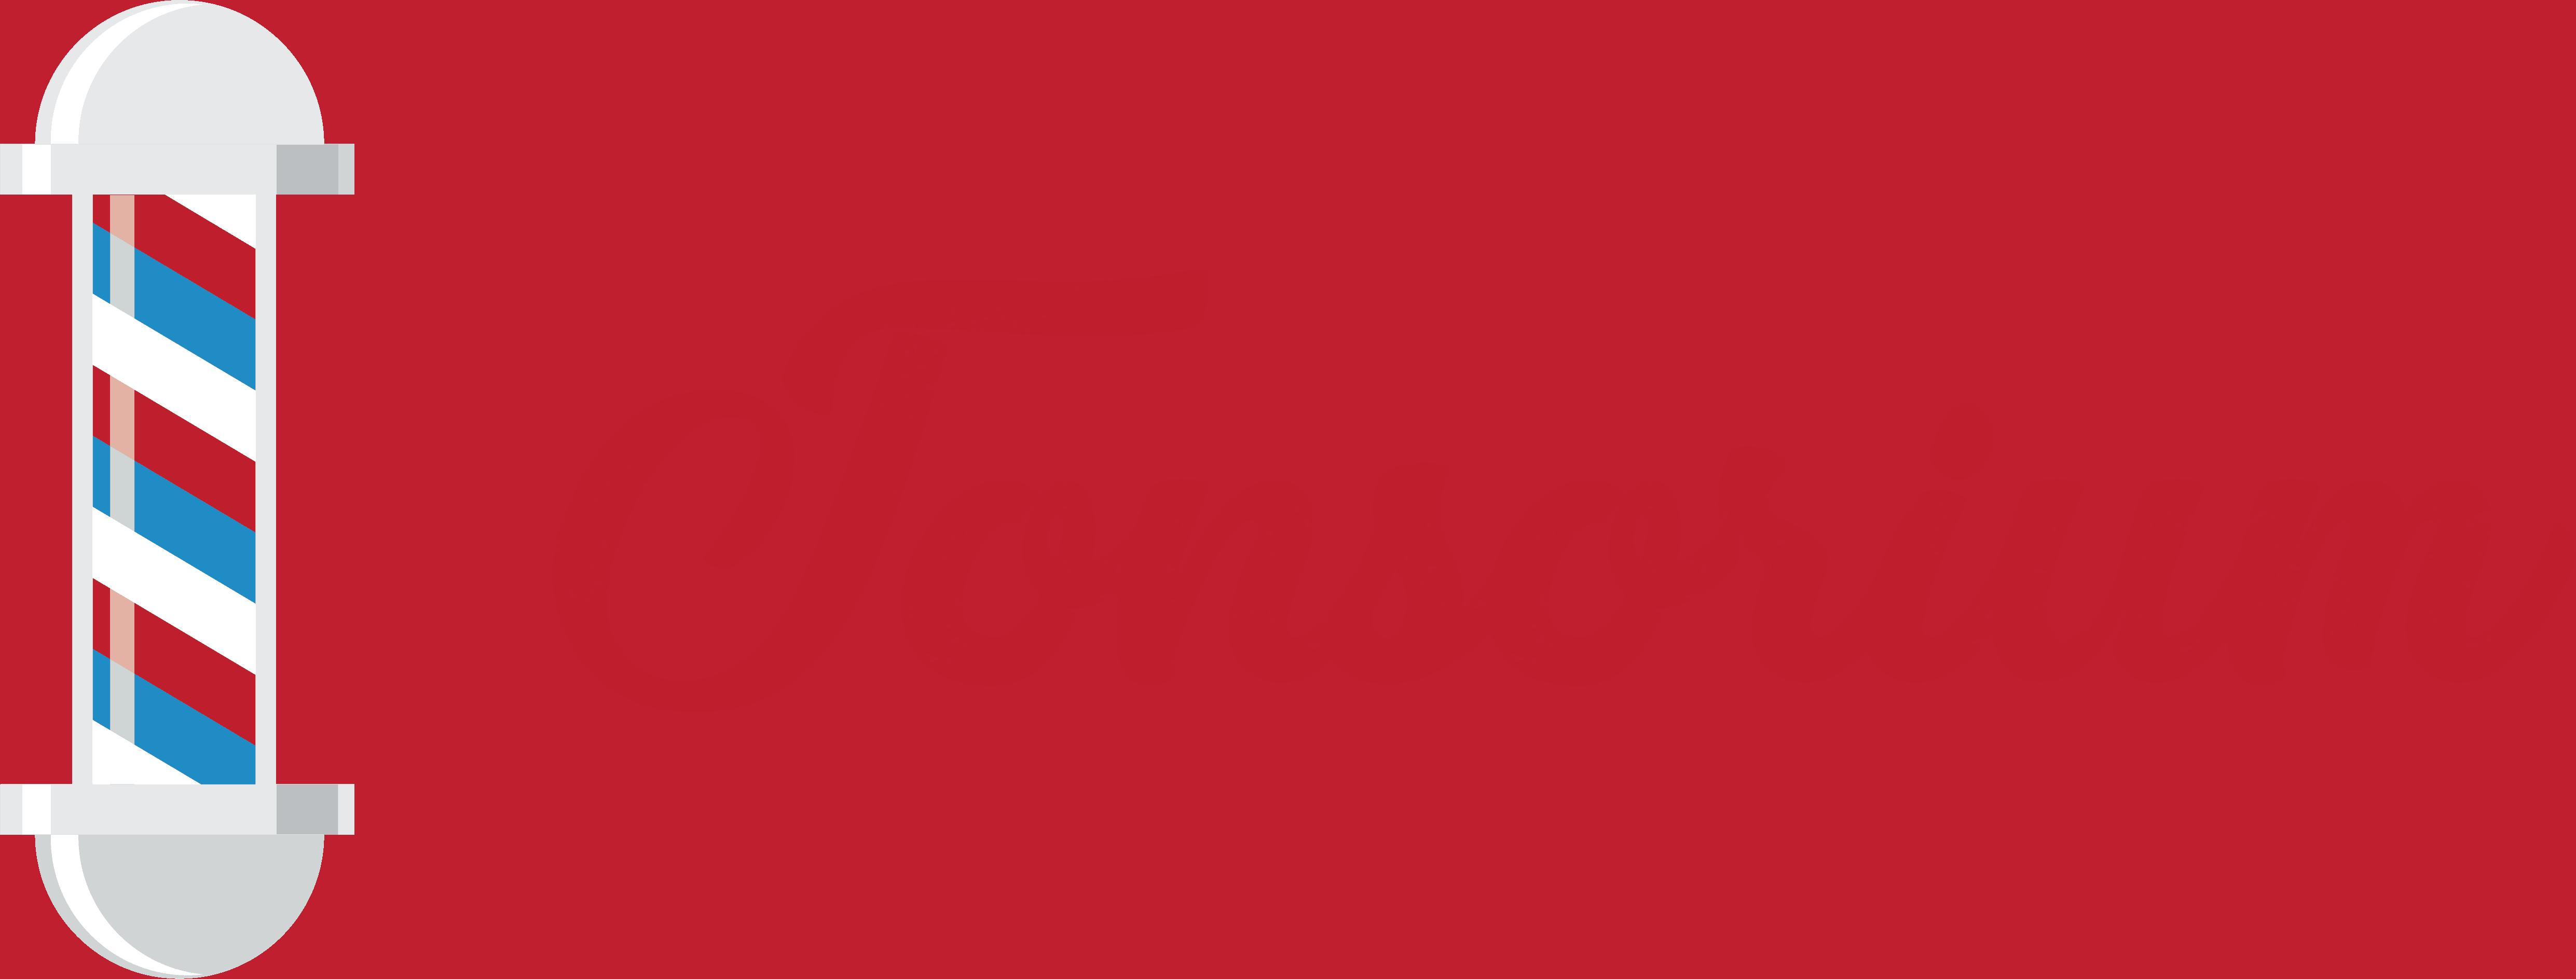 Tonsorium Full Logo